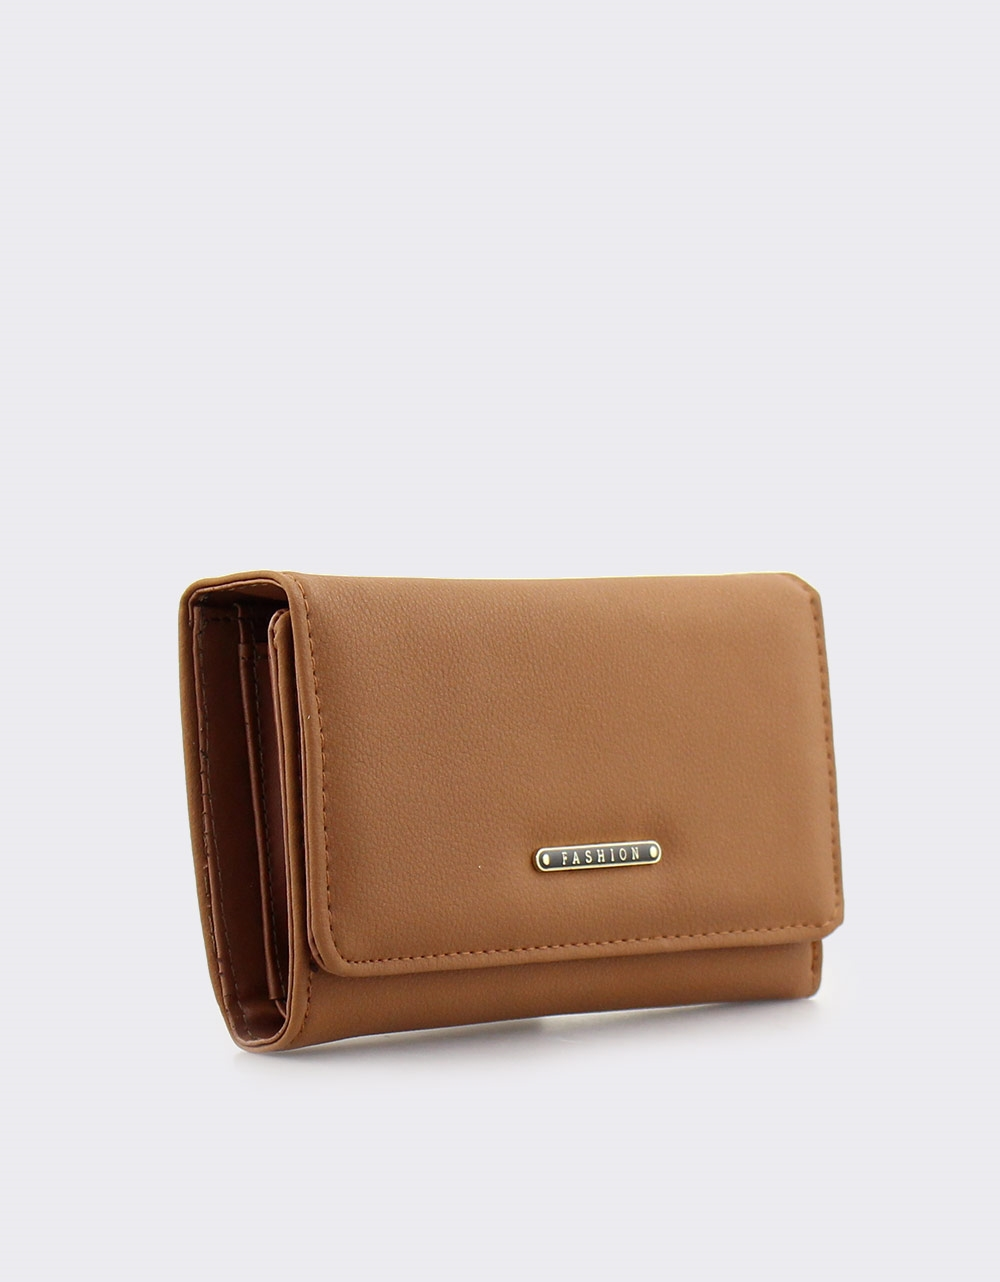 Εικόνα από Γυναικεία πορτοφόλια μονόχρωμα με μεταλλική λεπτομέρεια Καφέ